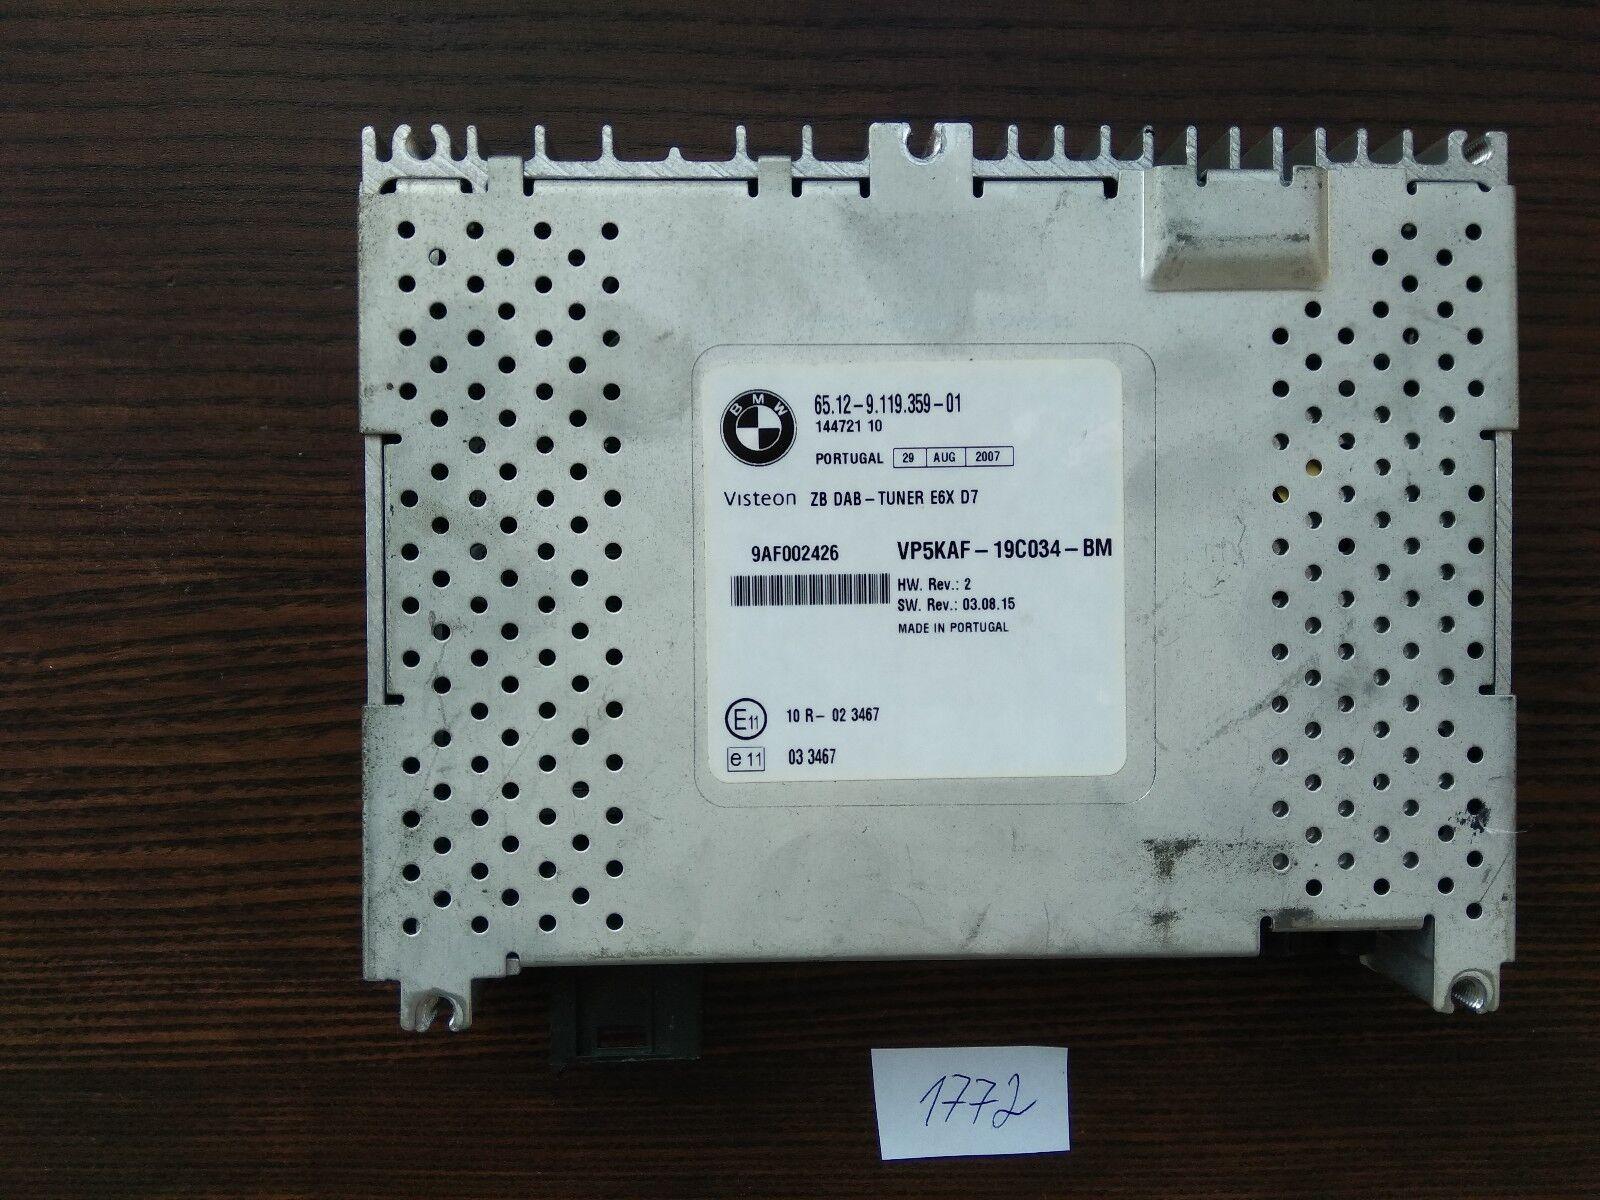 Drehregler Radio Drehknopf Schalter Lautstärke Volume CD für BMW 5ER E60 E61